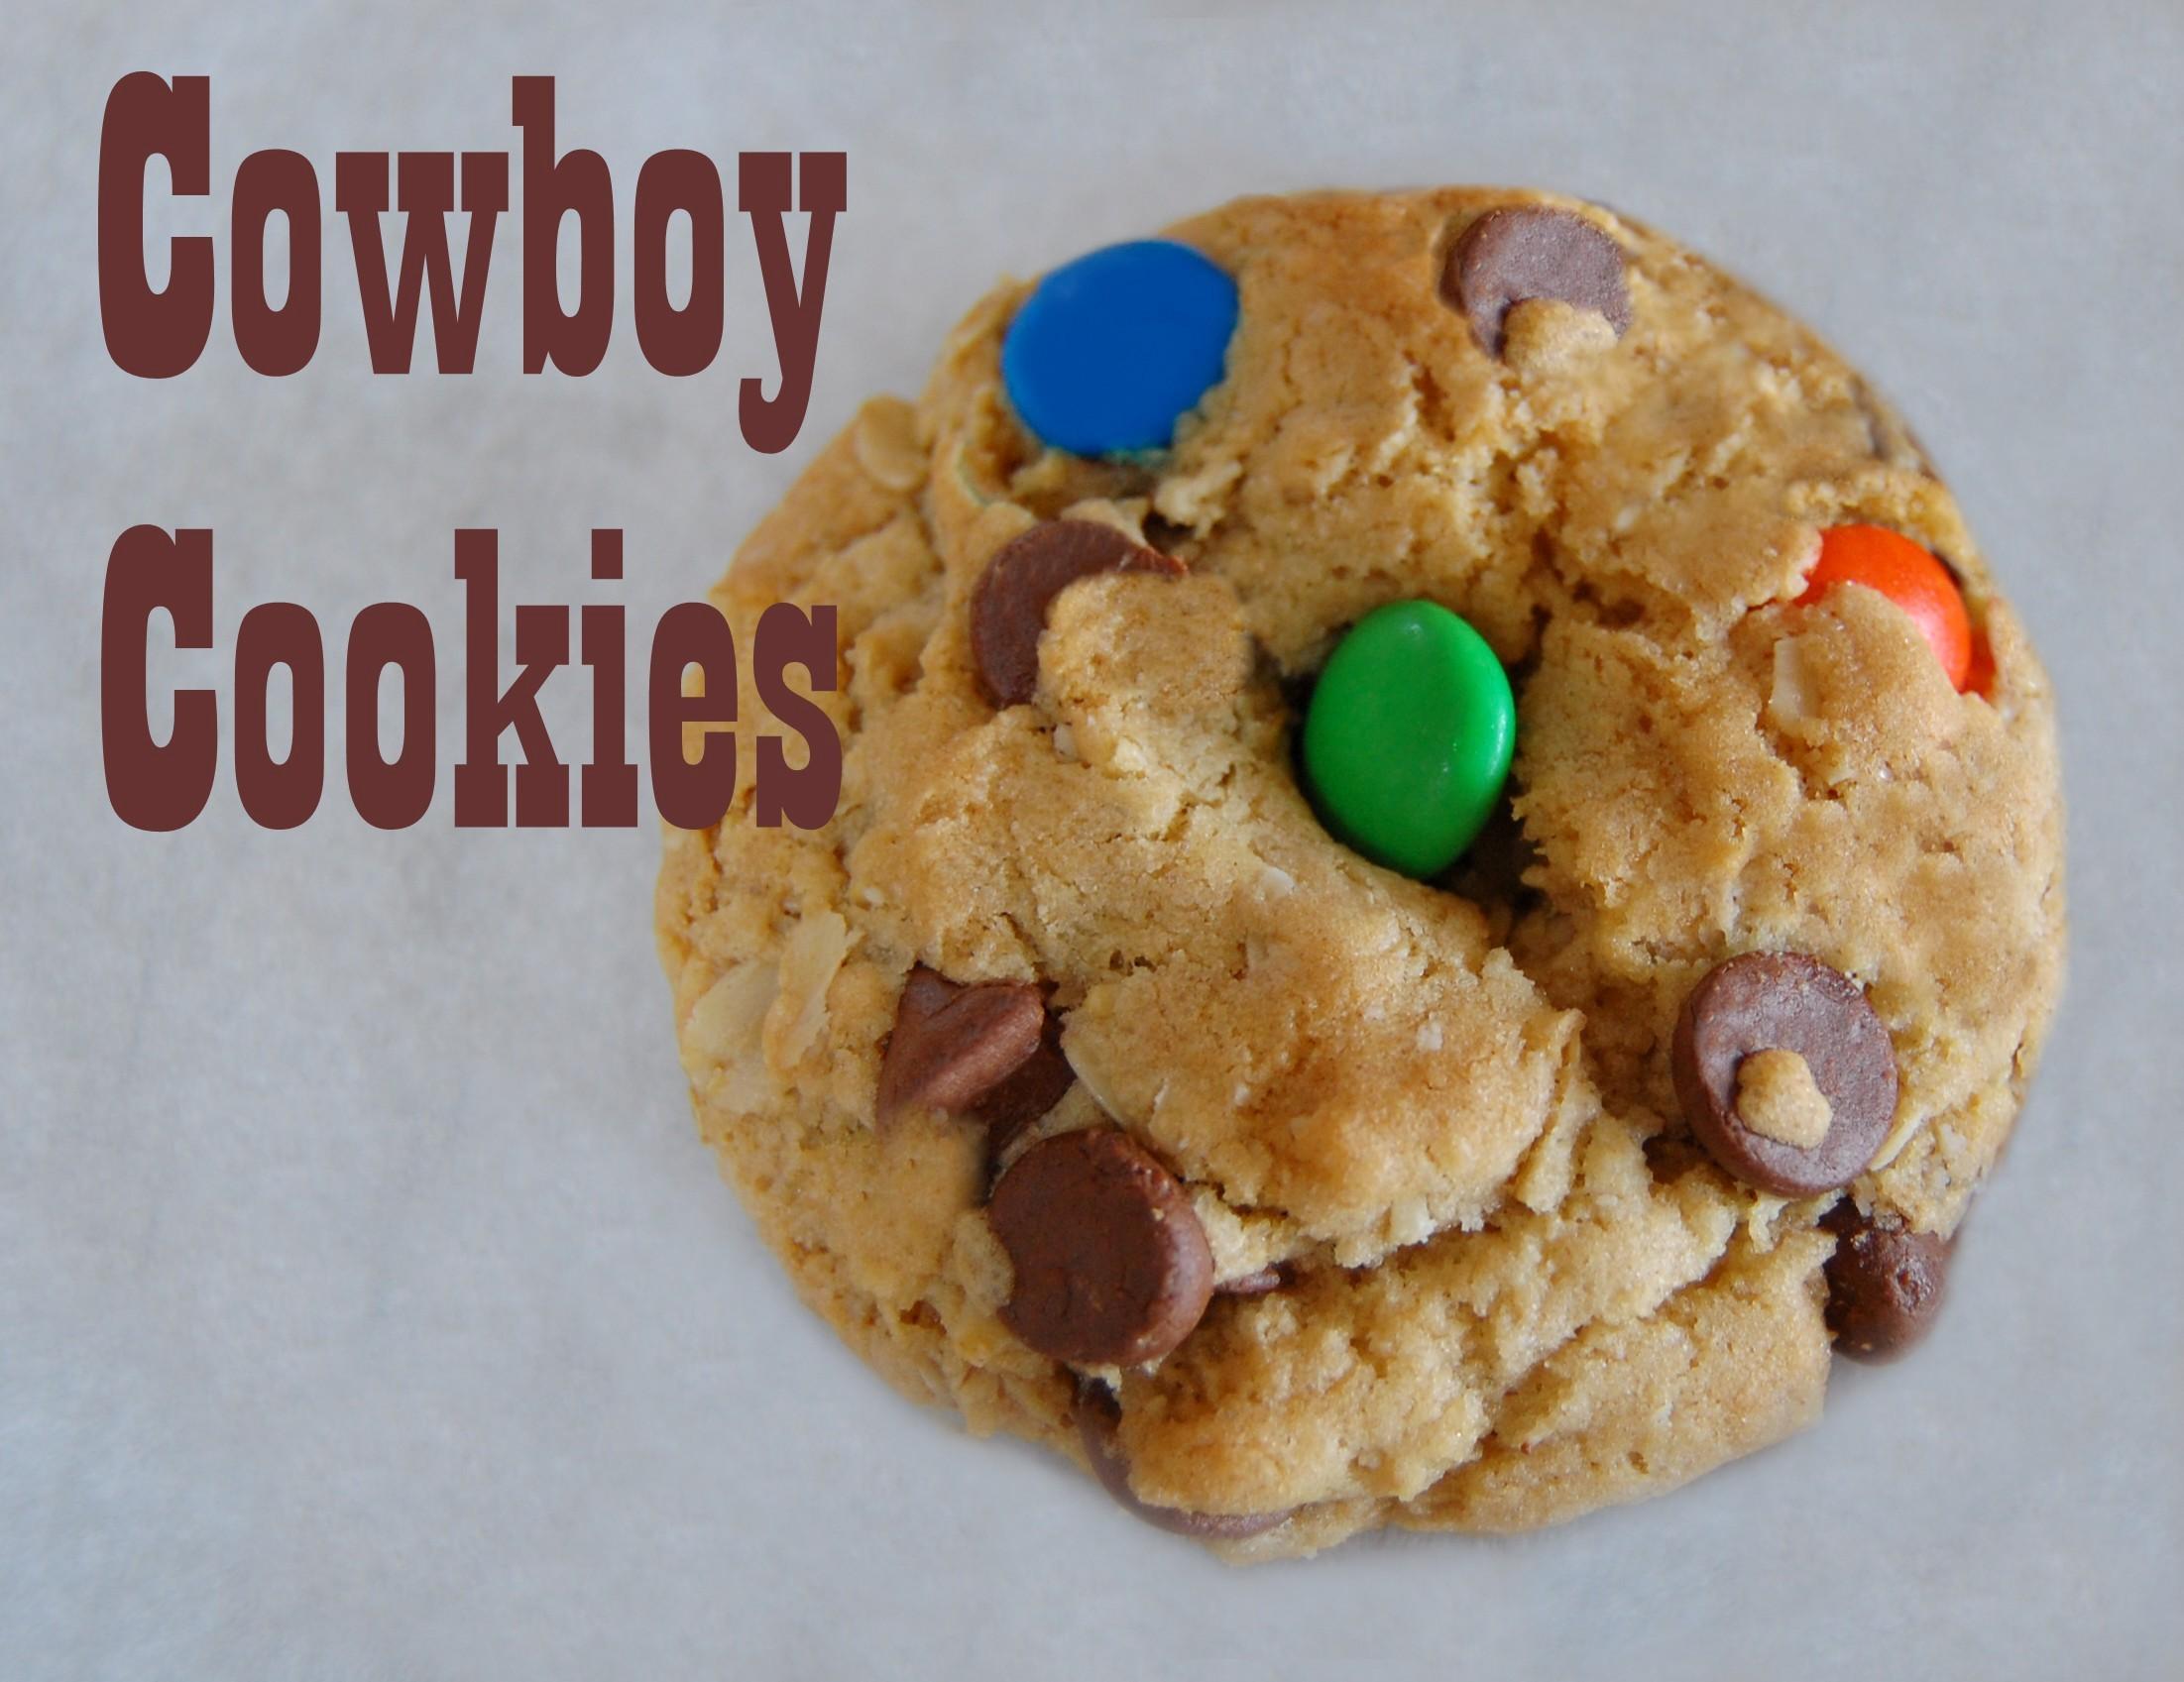 Cowboy Cookies | Cooking Mamas